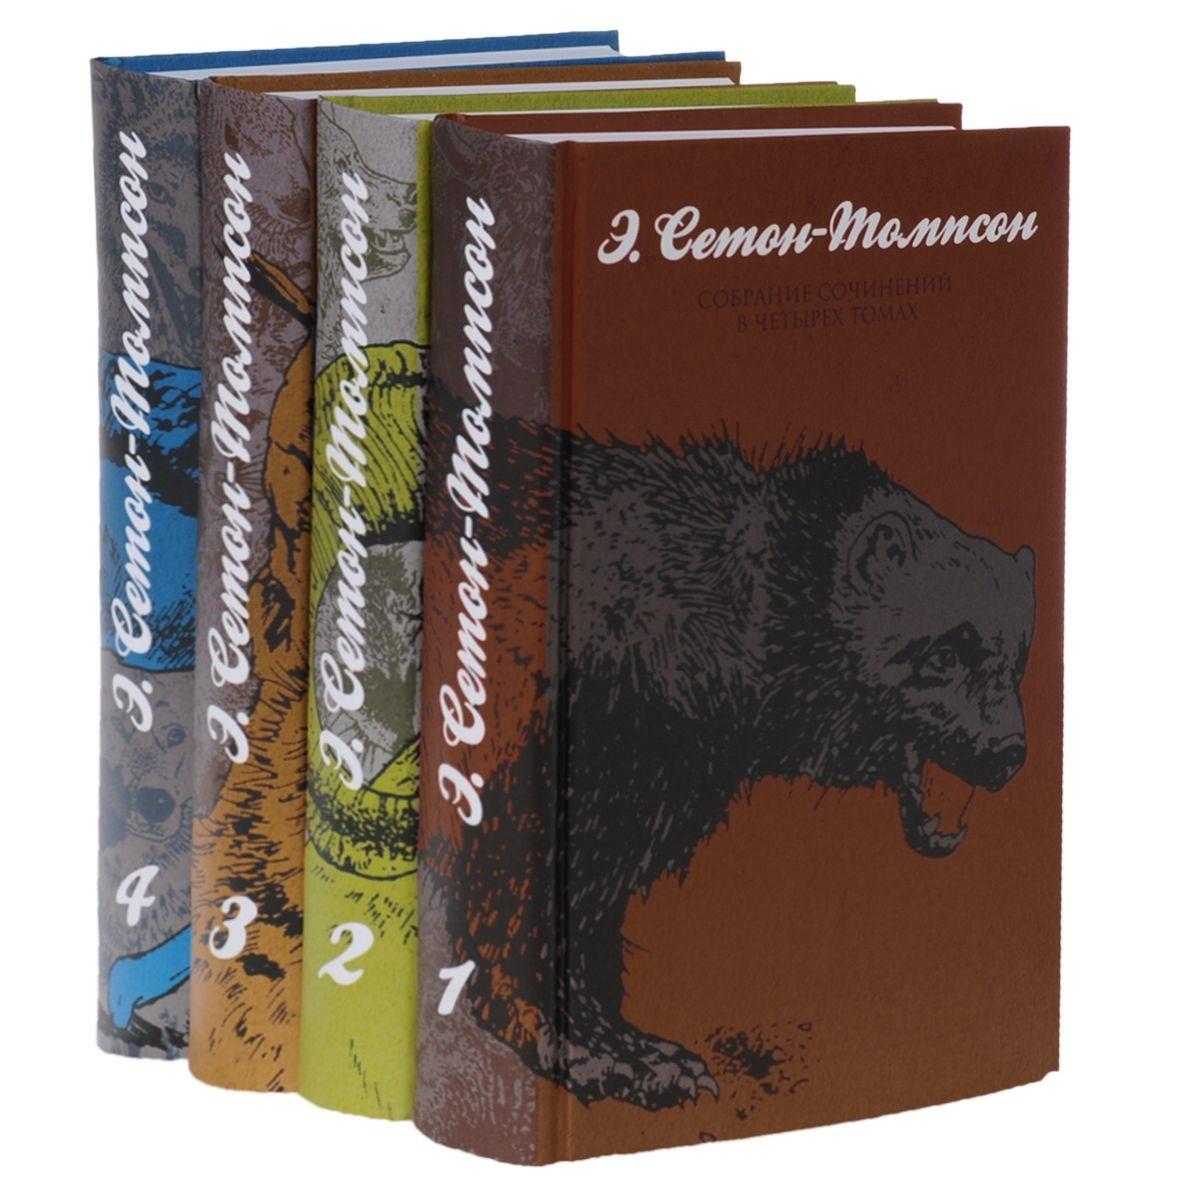 Сетон-Томпсон Э. Э. Сетон-Томпсон. Собрание сочинений в четырех томах (комплект из 4 книг) цена